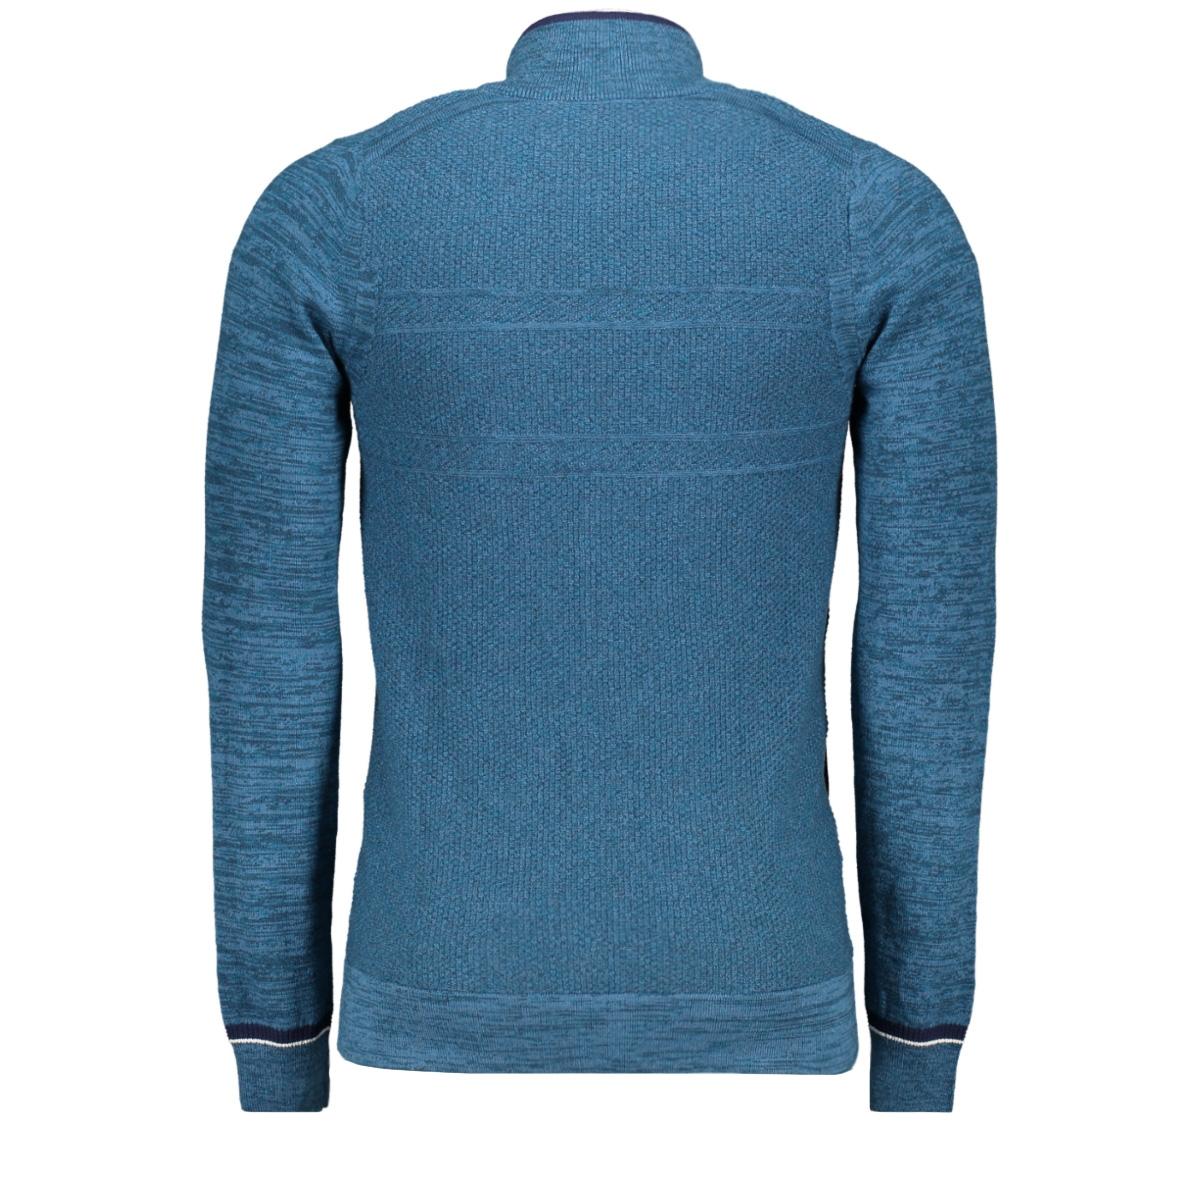 cotton melange zip jacket ckc195443 cast iron vest 5233